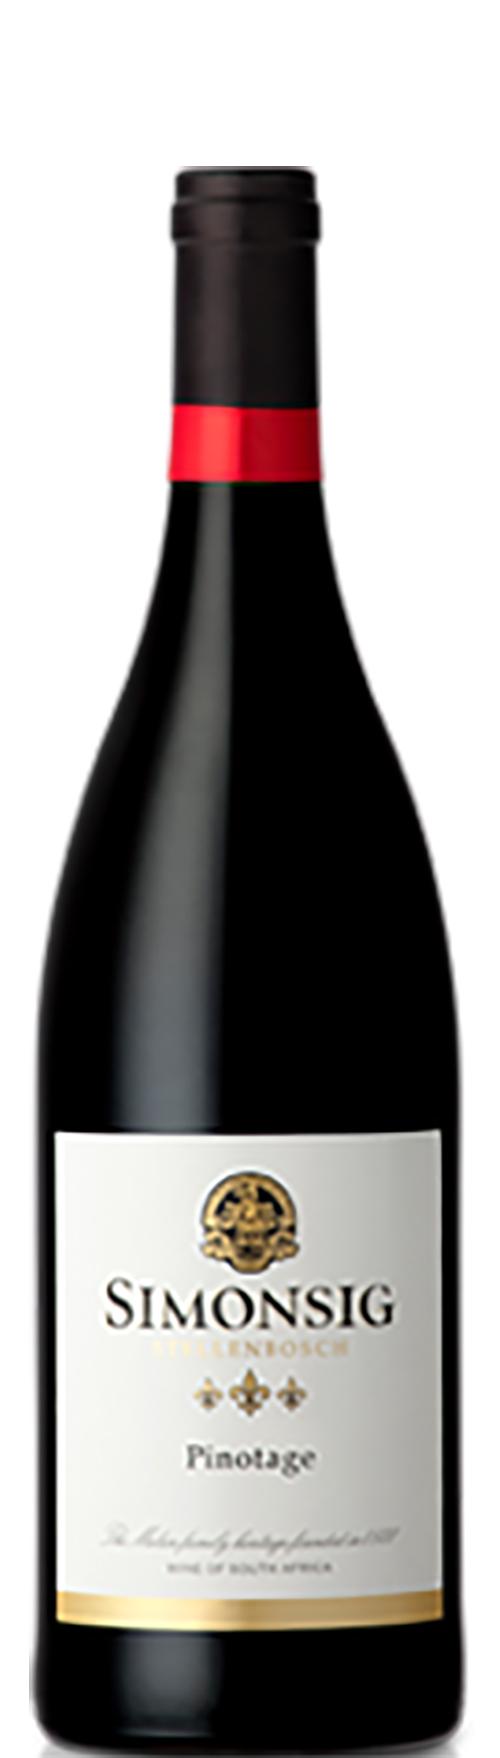 2015 Simonsig Pinotage